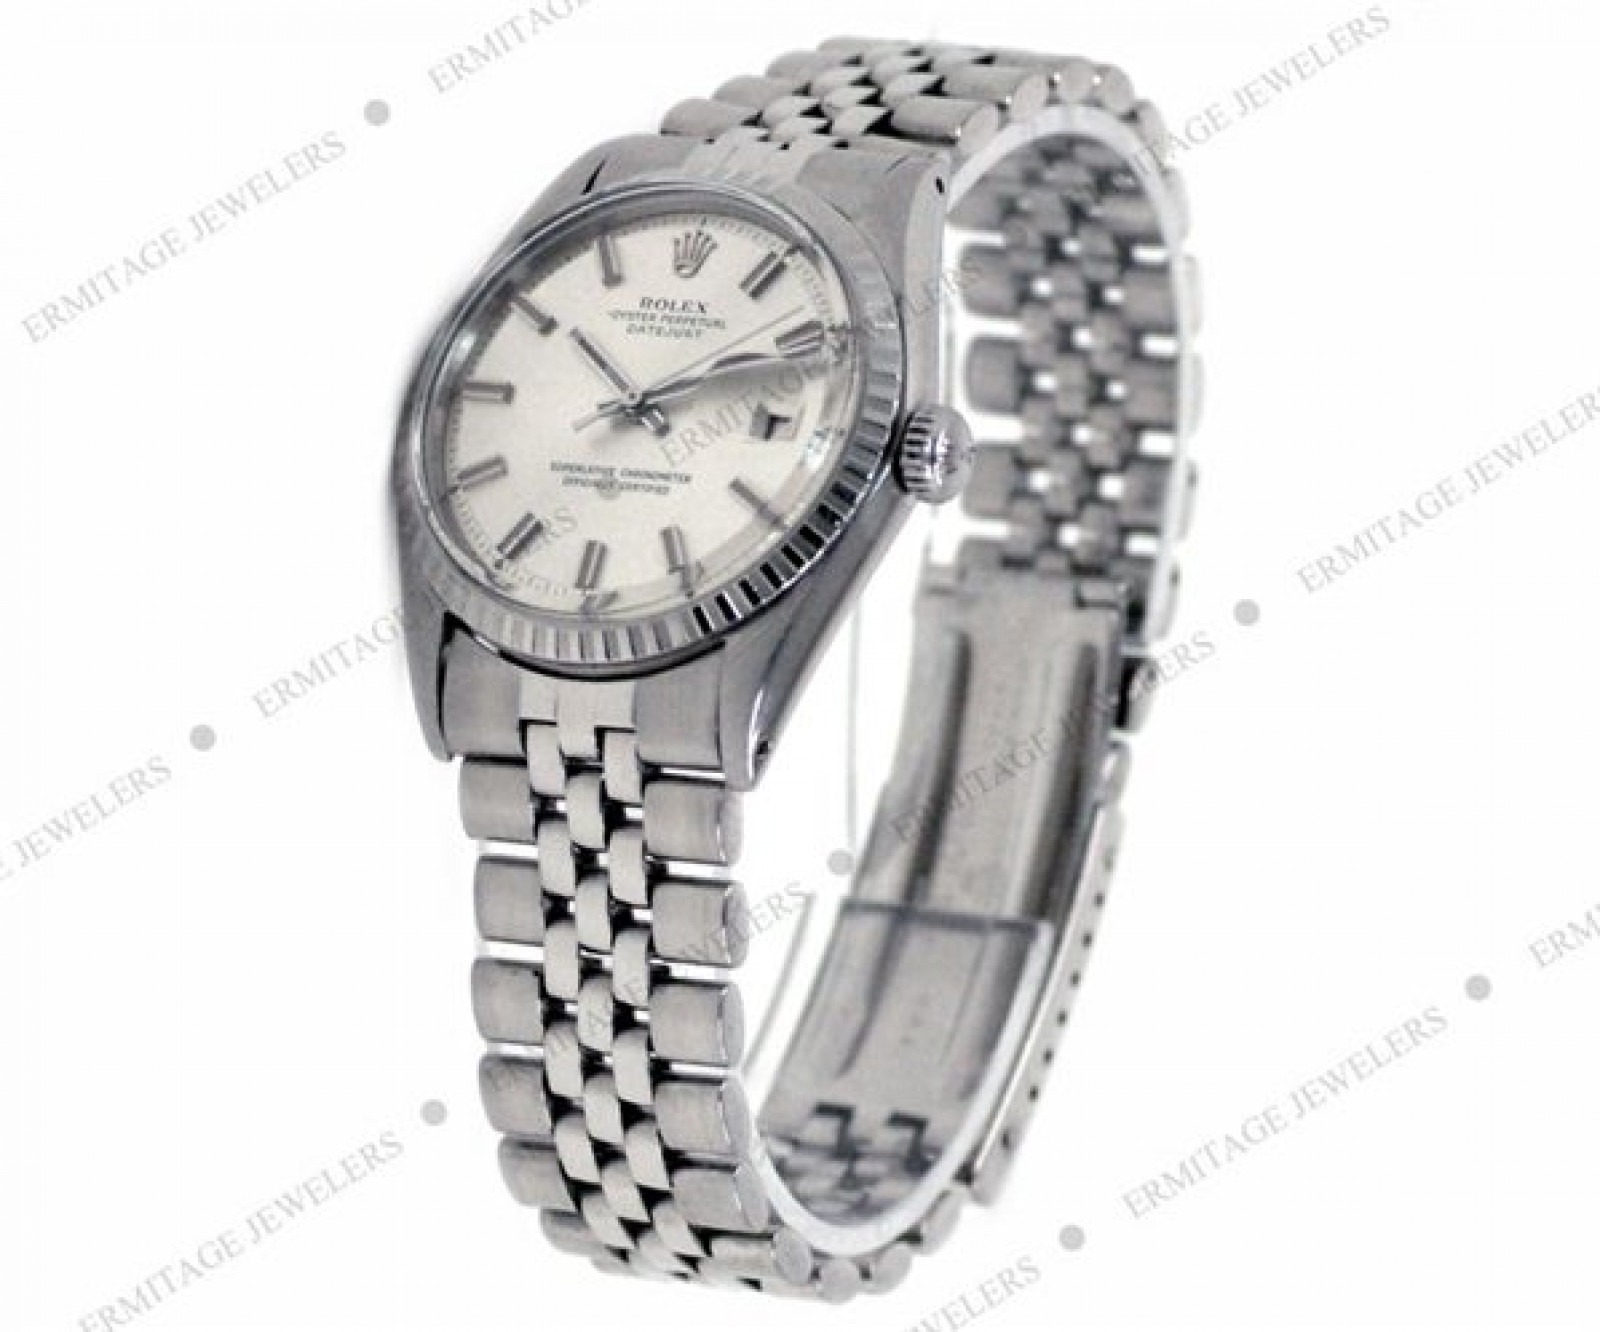 Vintage Rolex Datejust 1603 Steel Year 1967